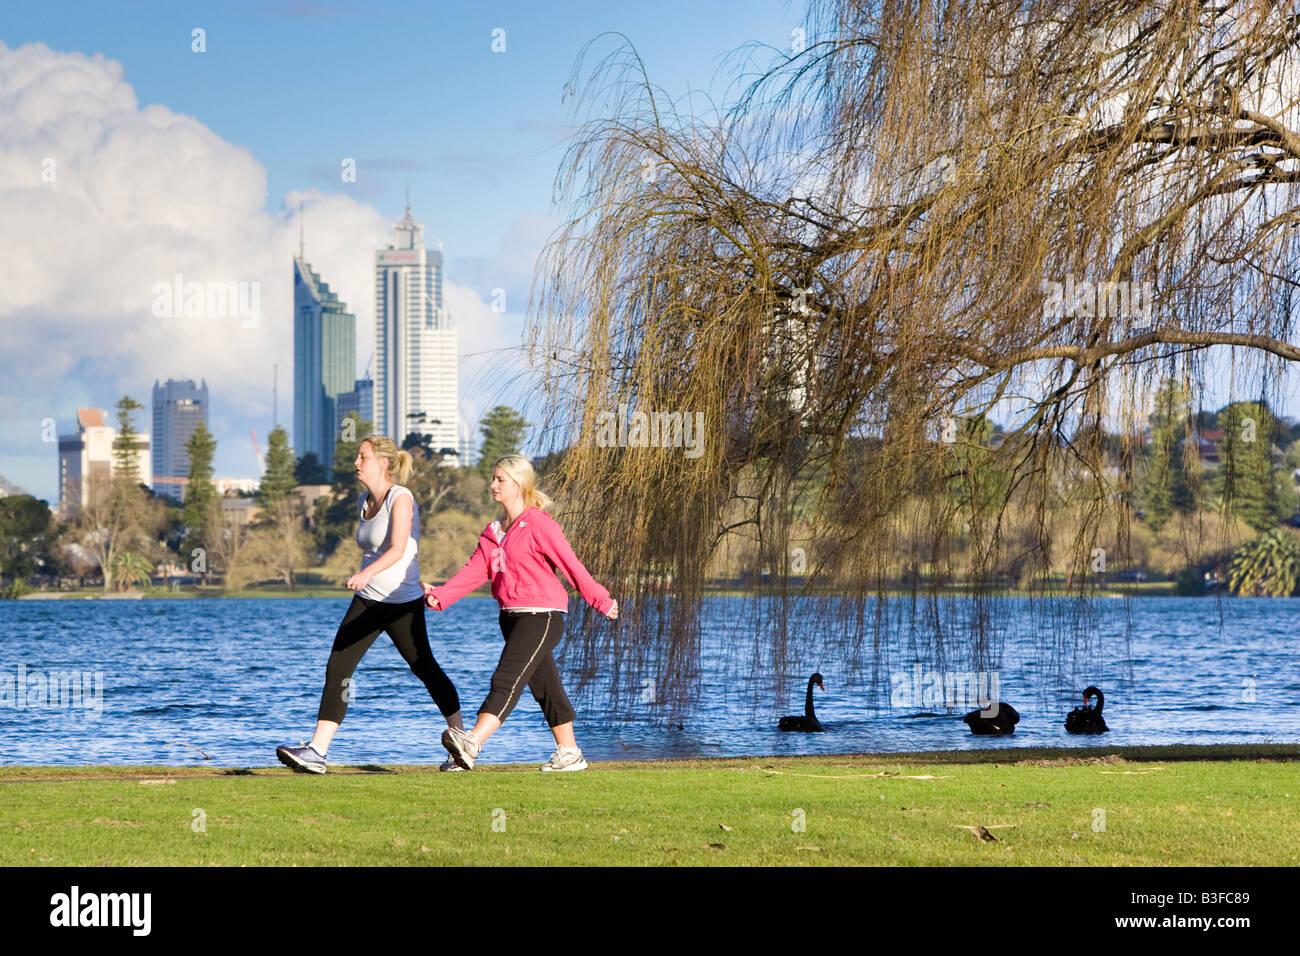 Zwei Frauen trainieren in einem Park mit Wolkenkratzern in der Ferne. Lake Monger, Perth, Western Australia, Australia Stockfoto